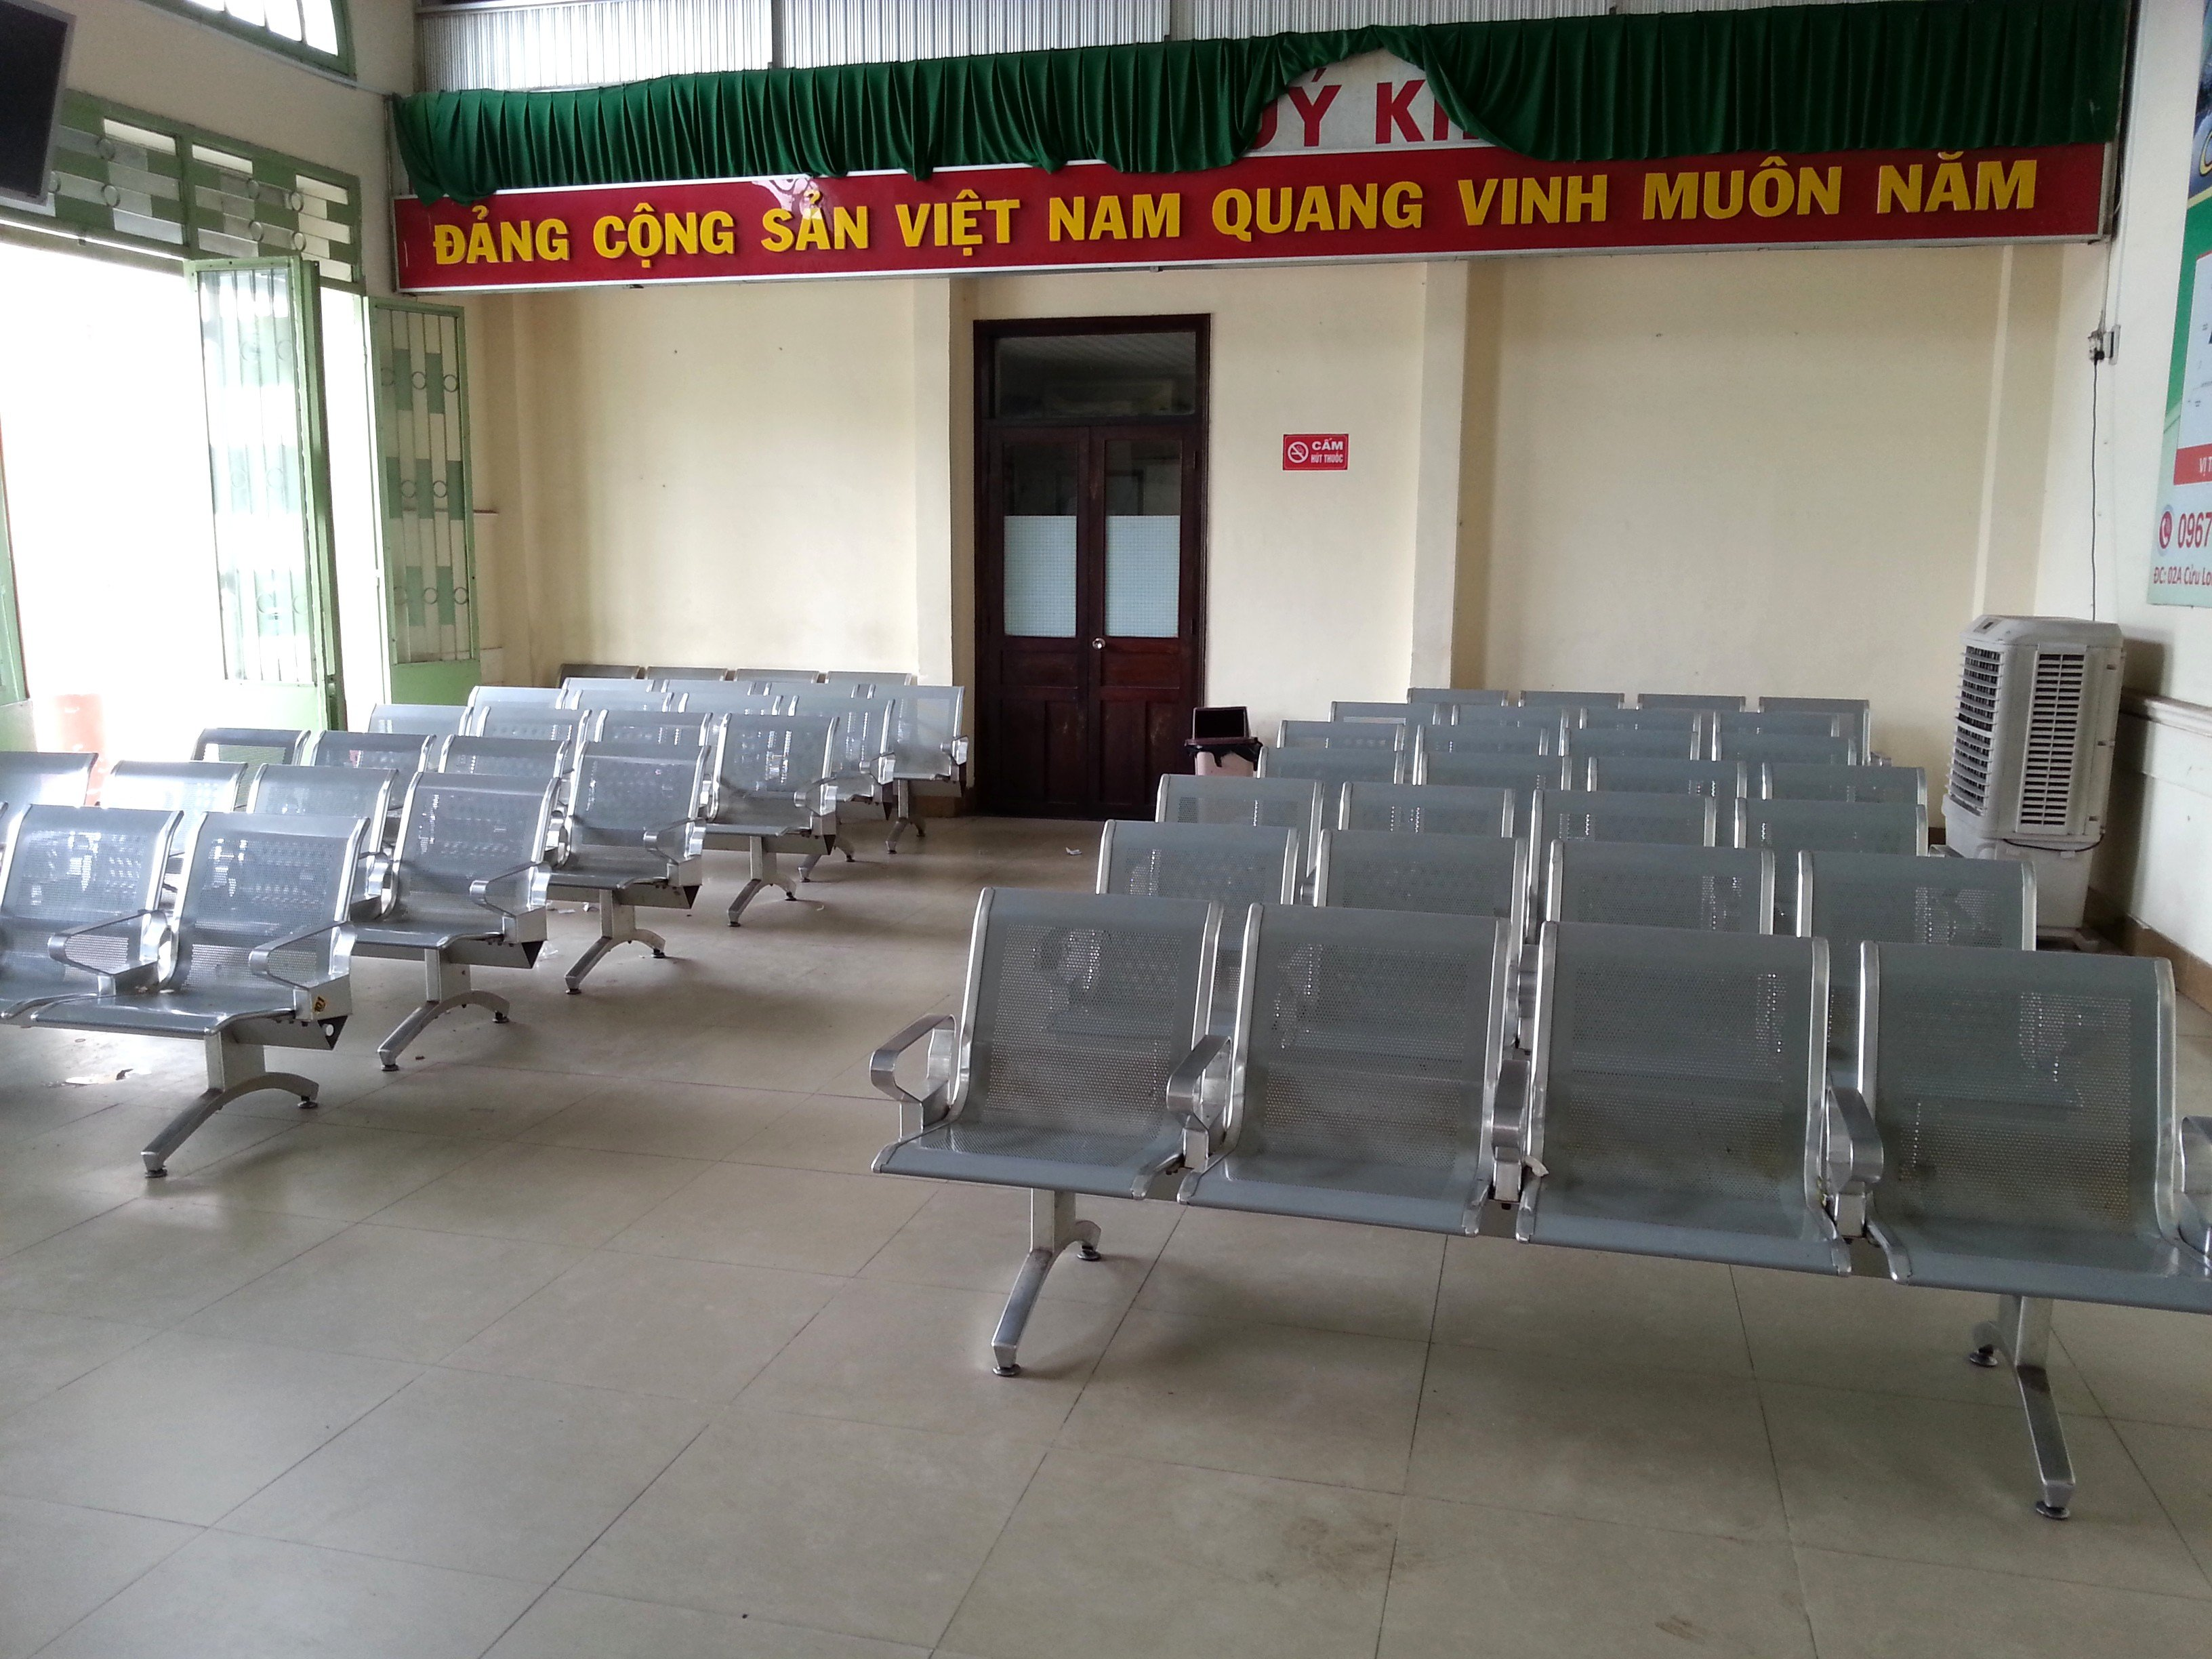 Waiting room at Nha Trang Train Station